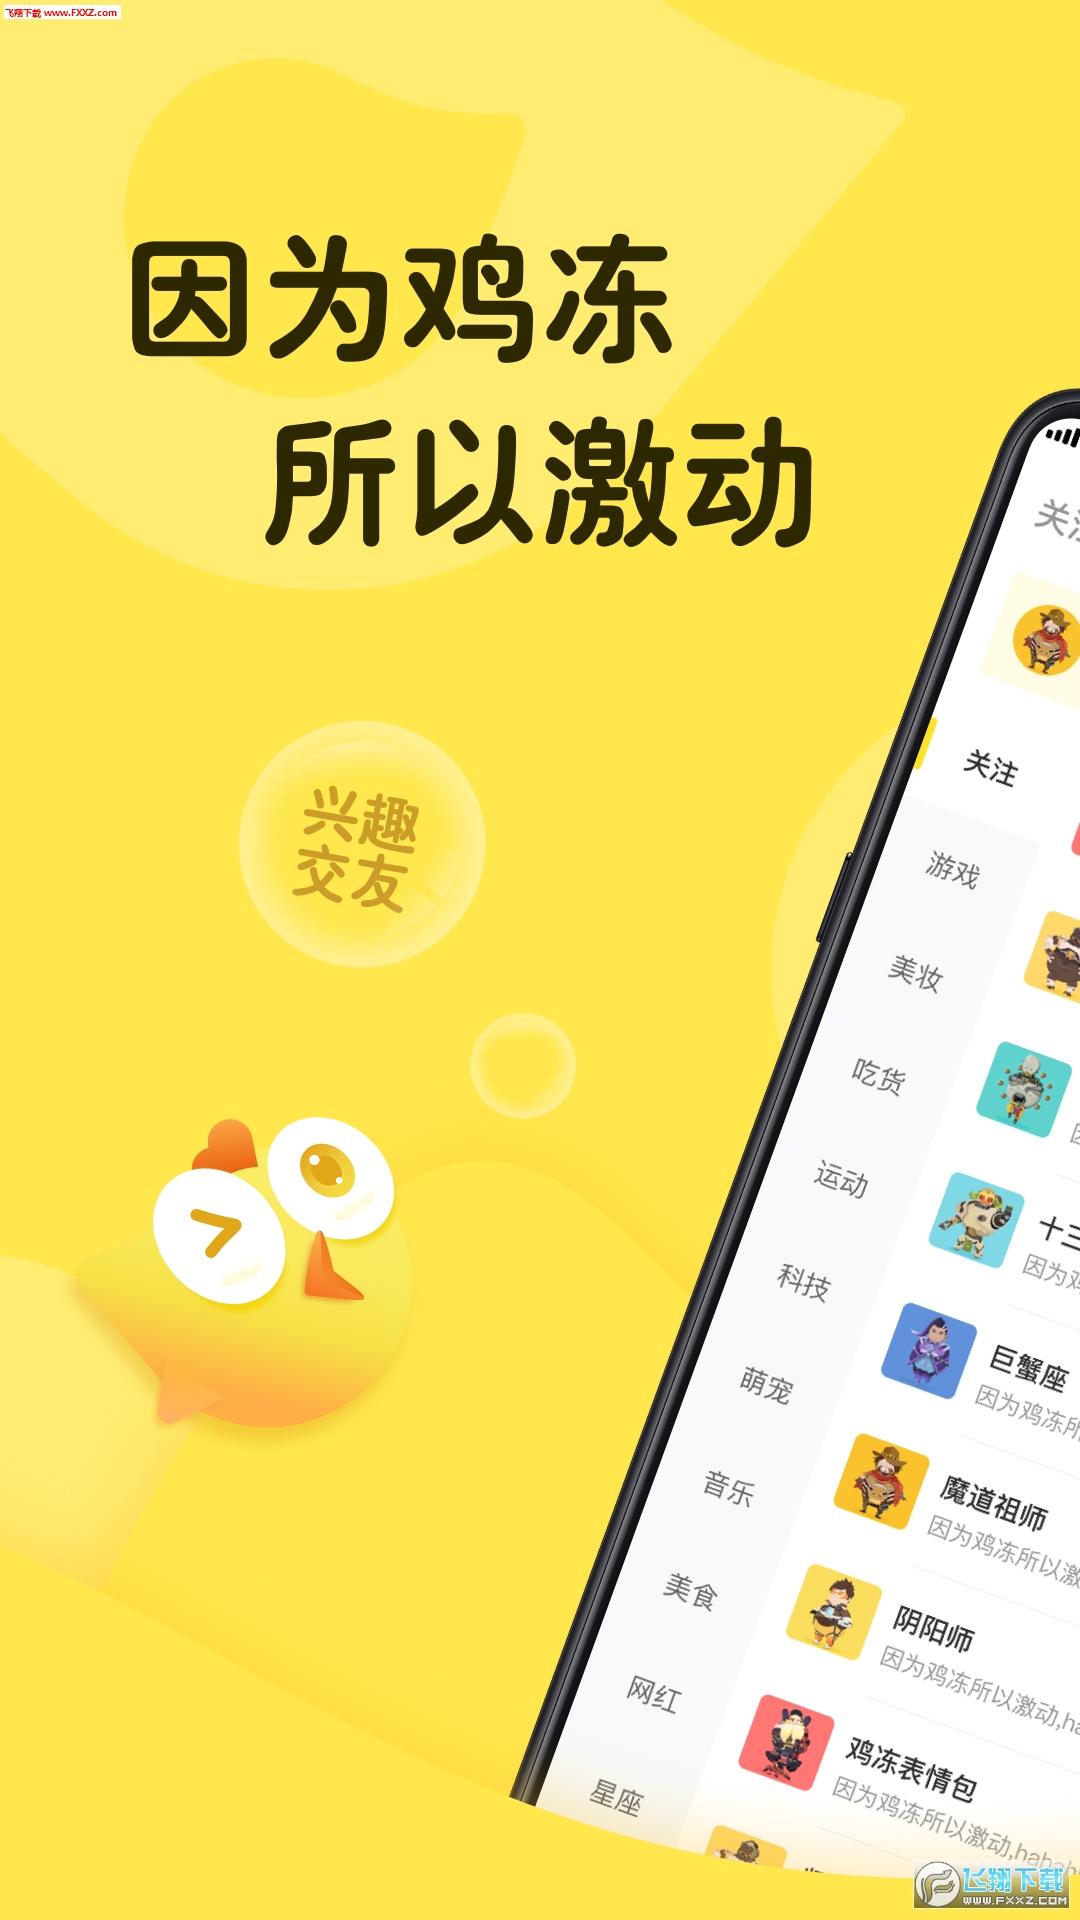 鸡冻兴趣社交app最新版4.0.0截图3